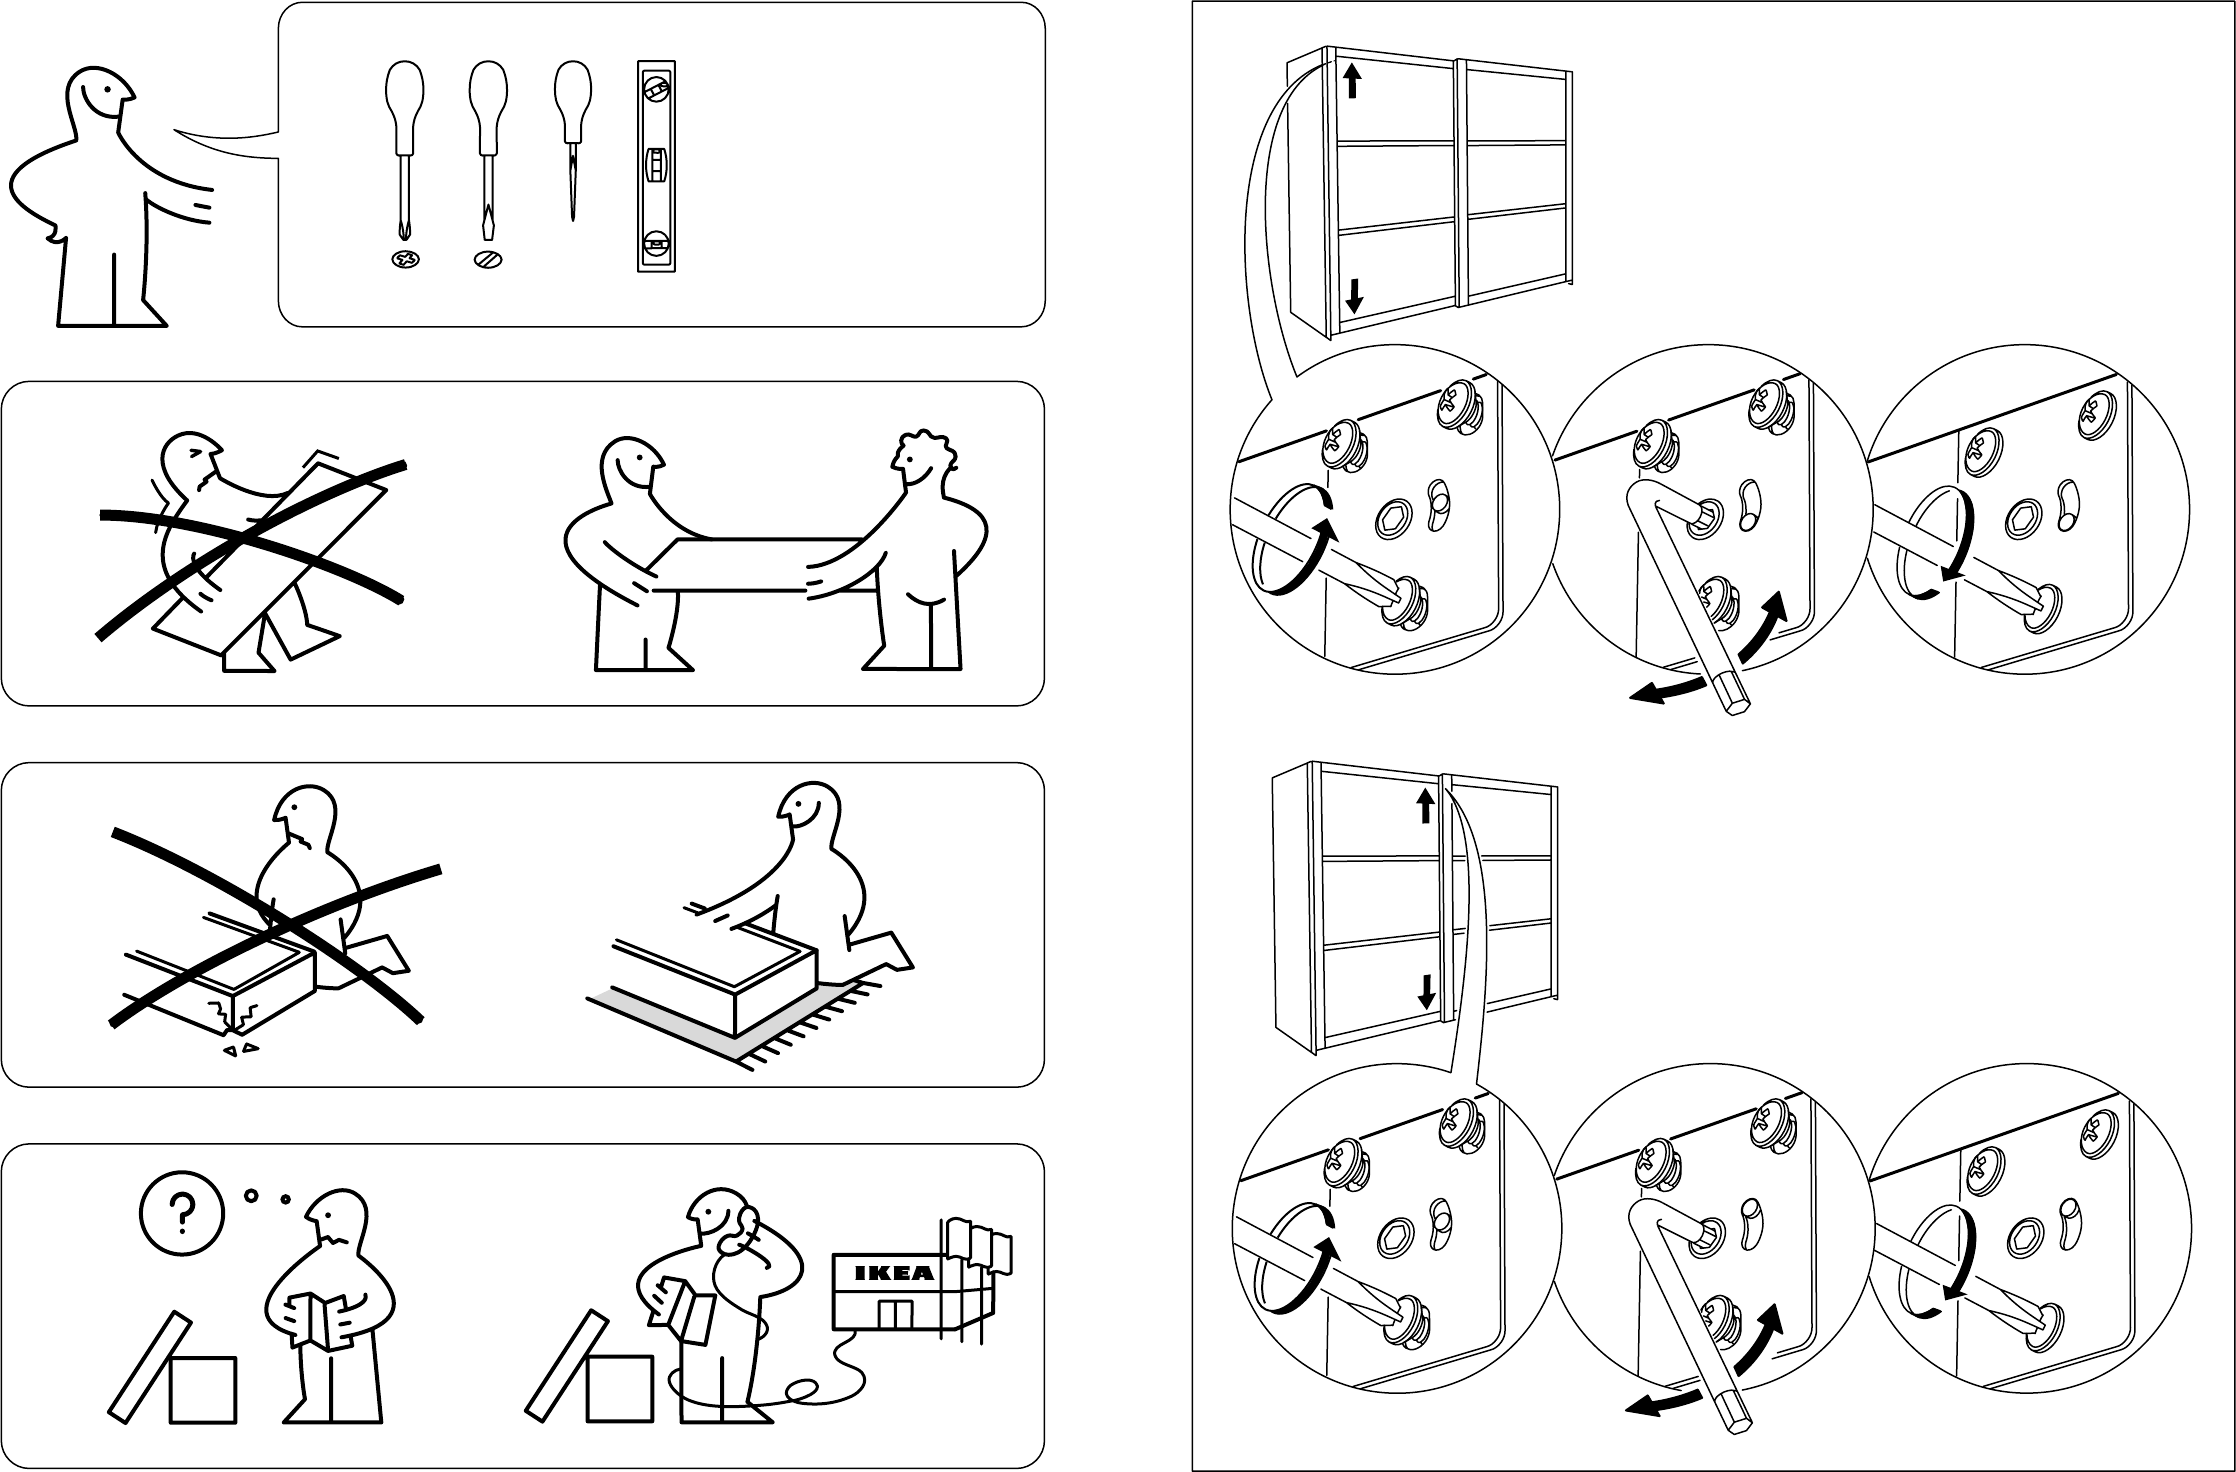 Pax Handleiding Schuifdeuren.Handleiding Ikea Pax Stordal Schuifdeuren Pagina 2 Van 12